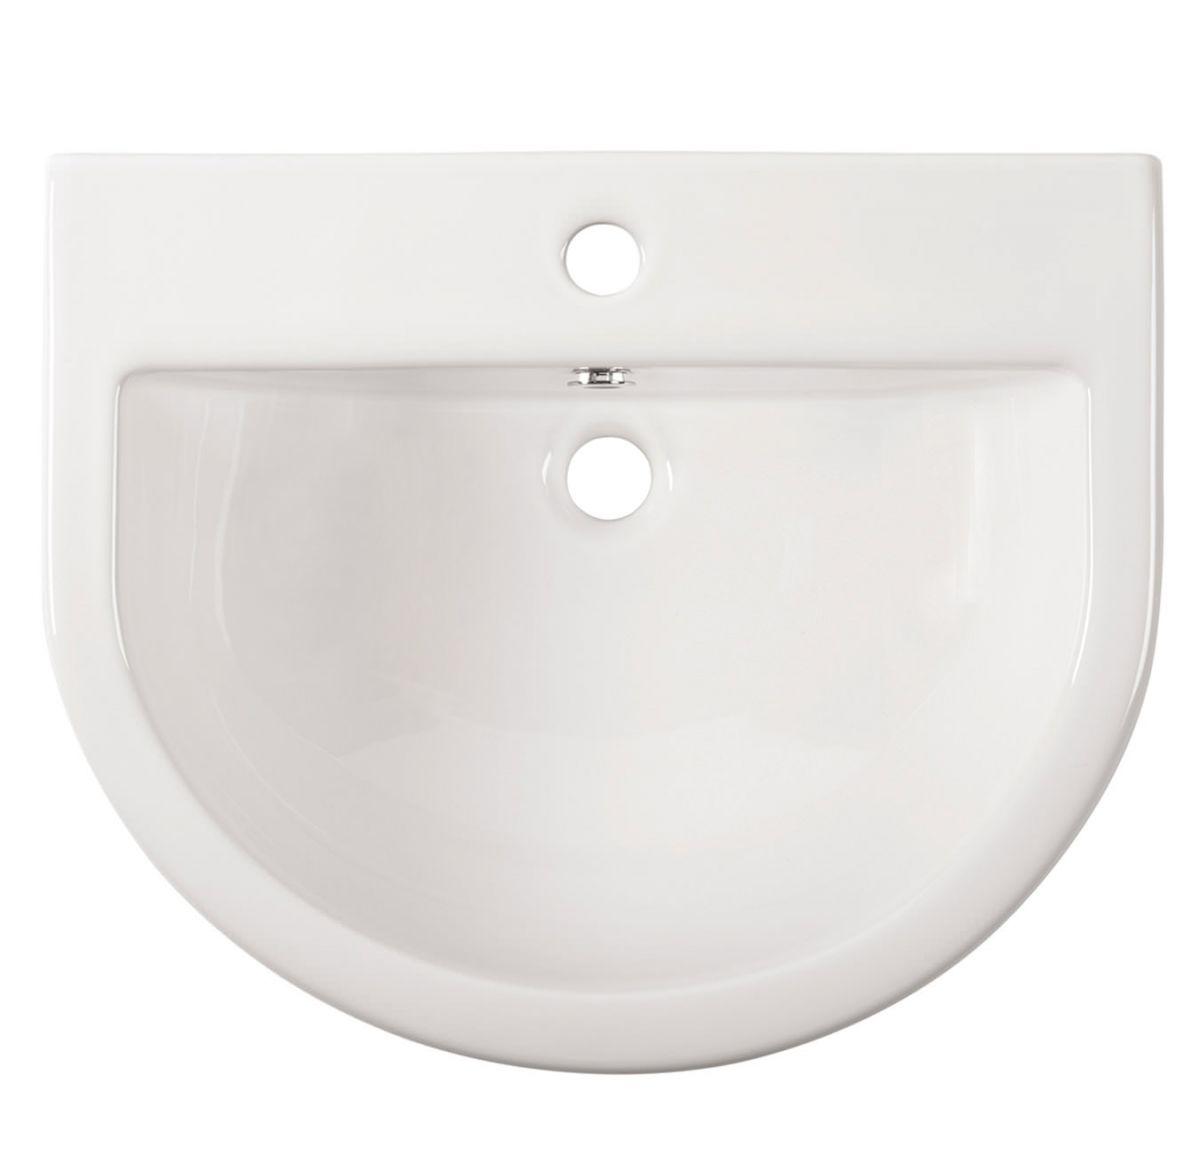 Minerva bathroom tops minerva - Roper Rhodes Minerva Semi Countertop Basin